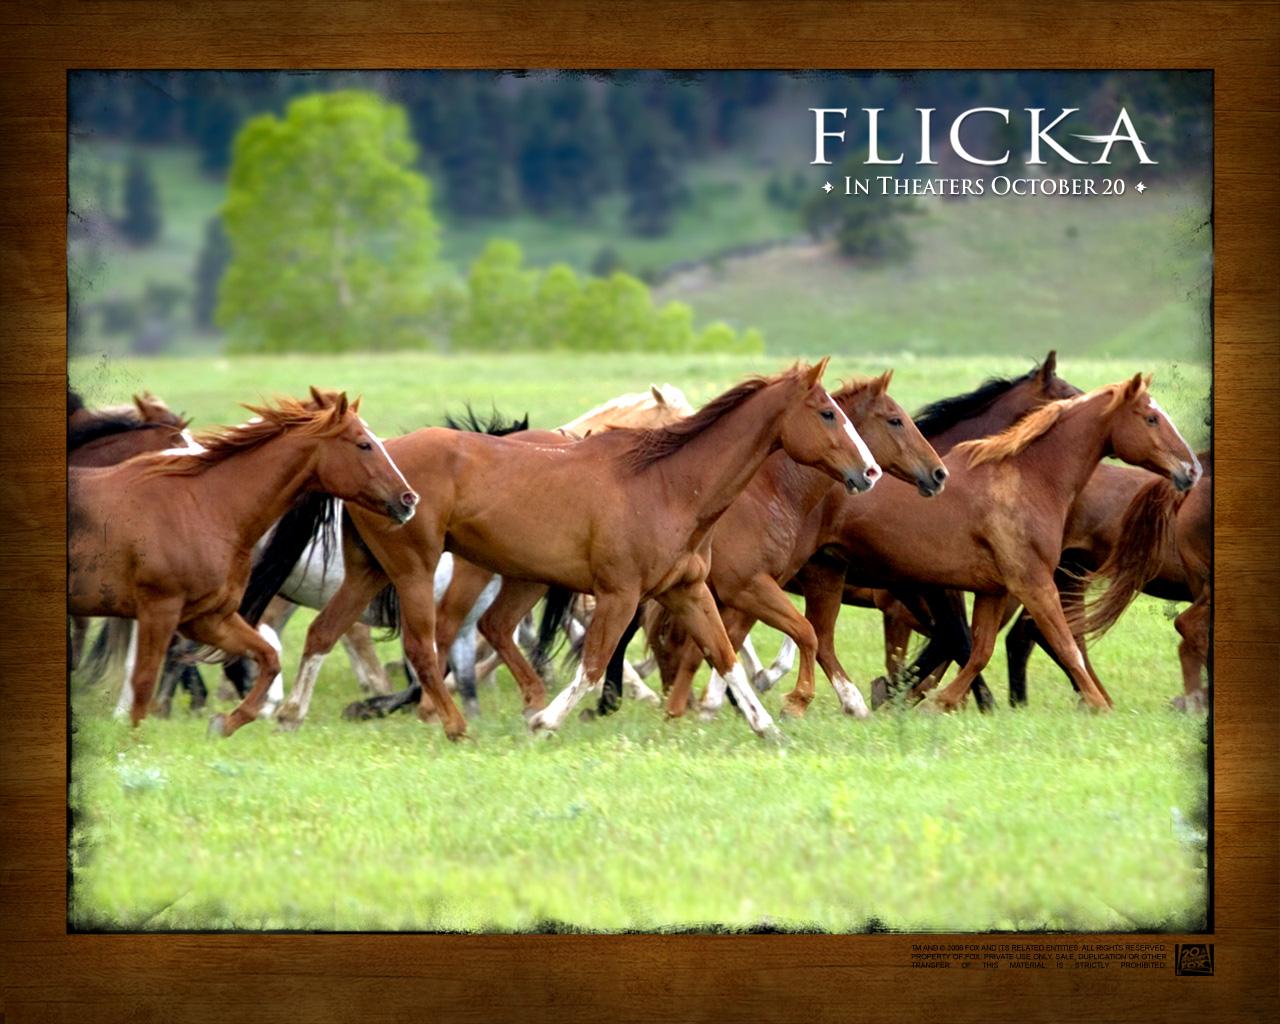 Flicka Flicka-002